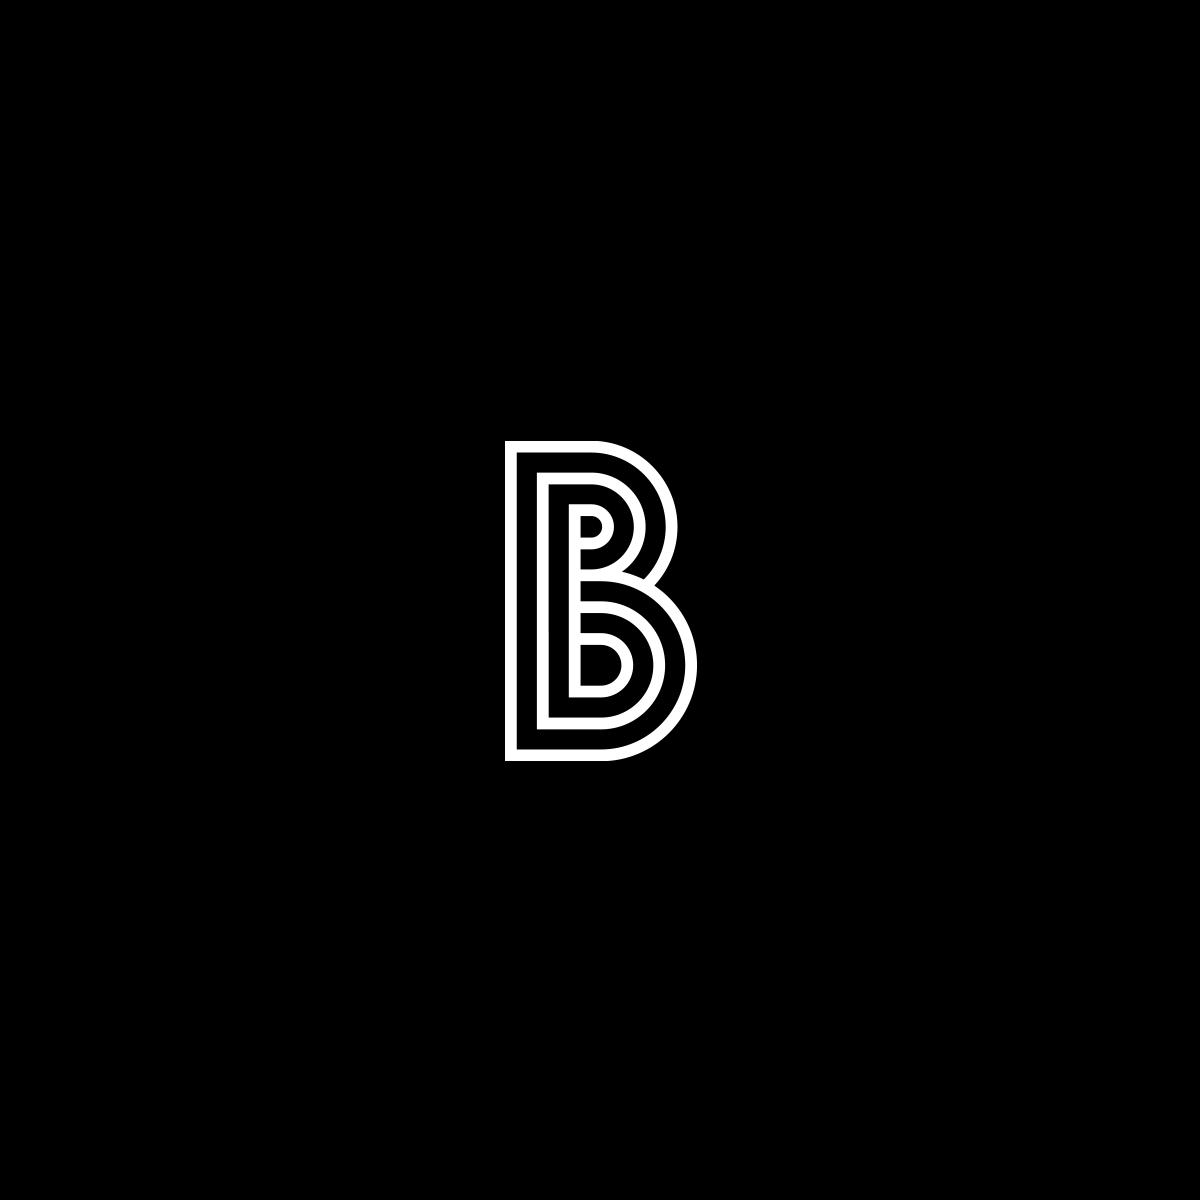 logocollection-v2-24